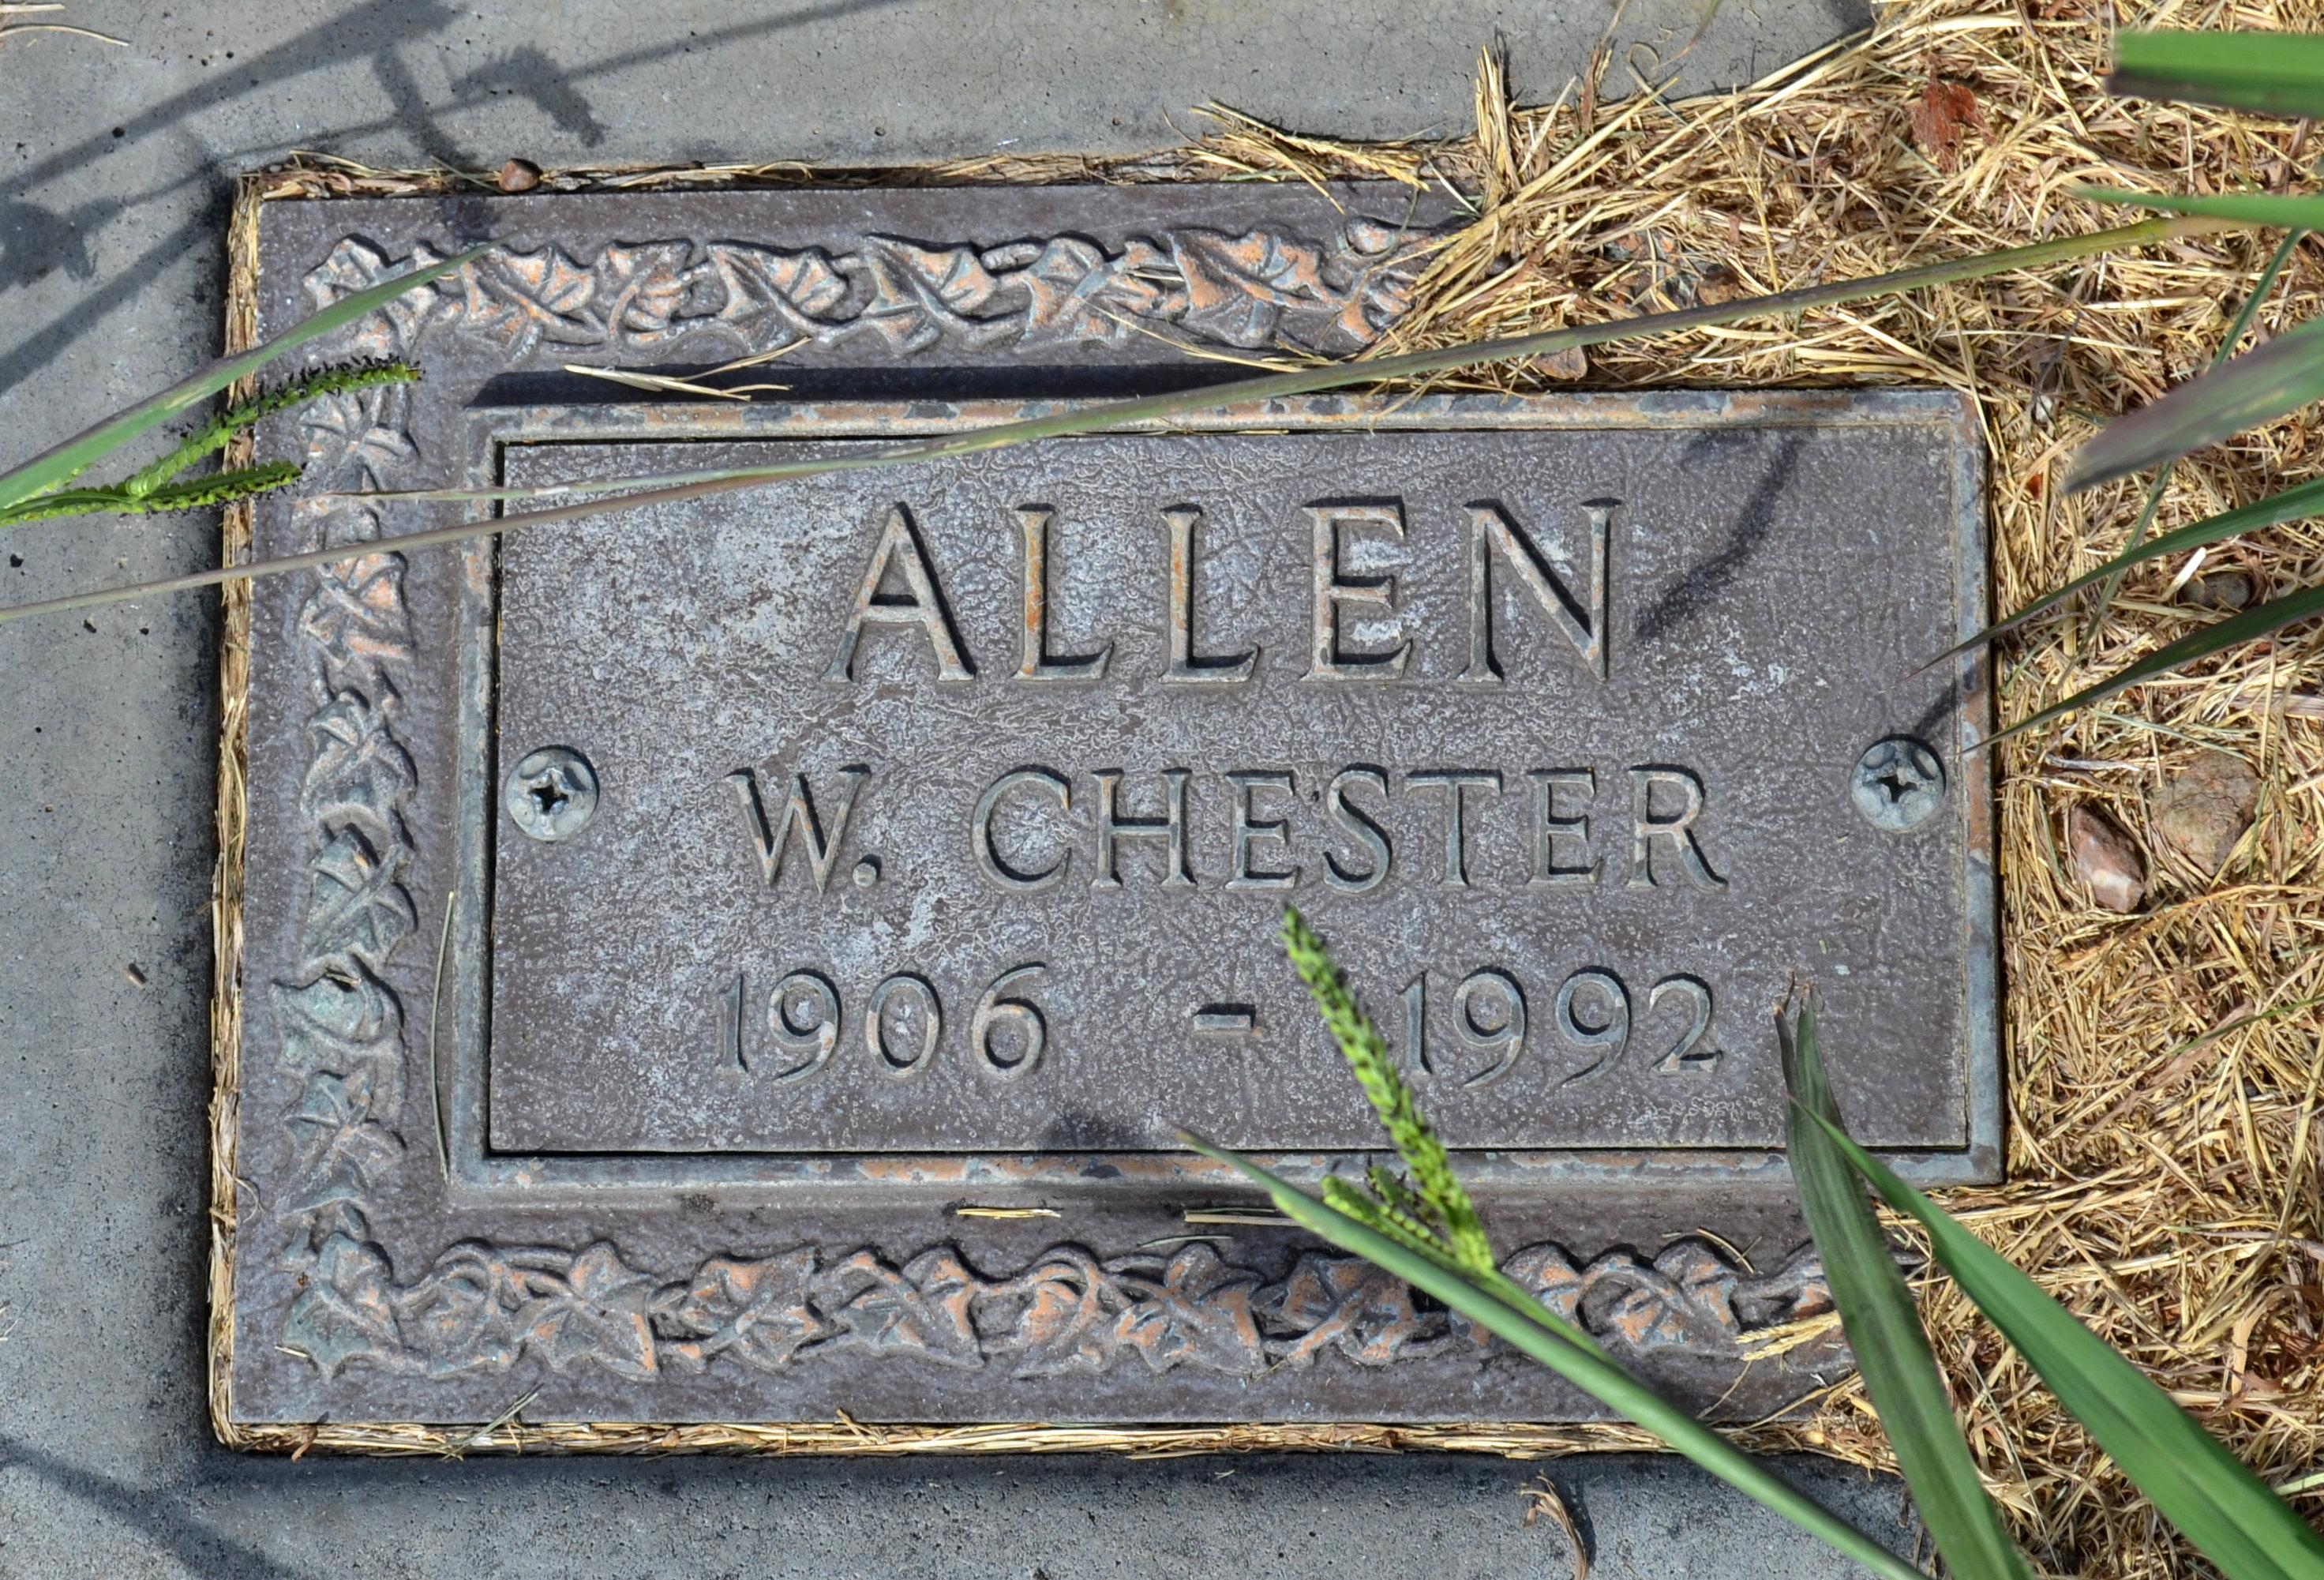 W. Chester Allen